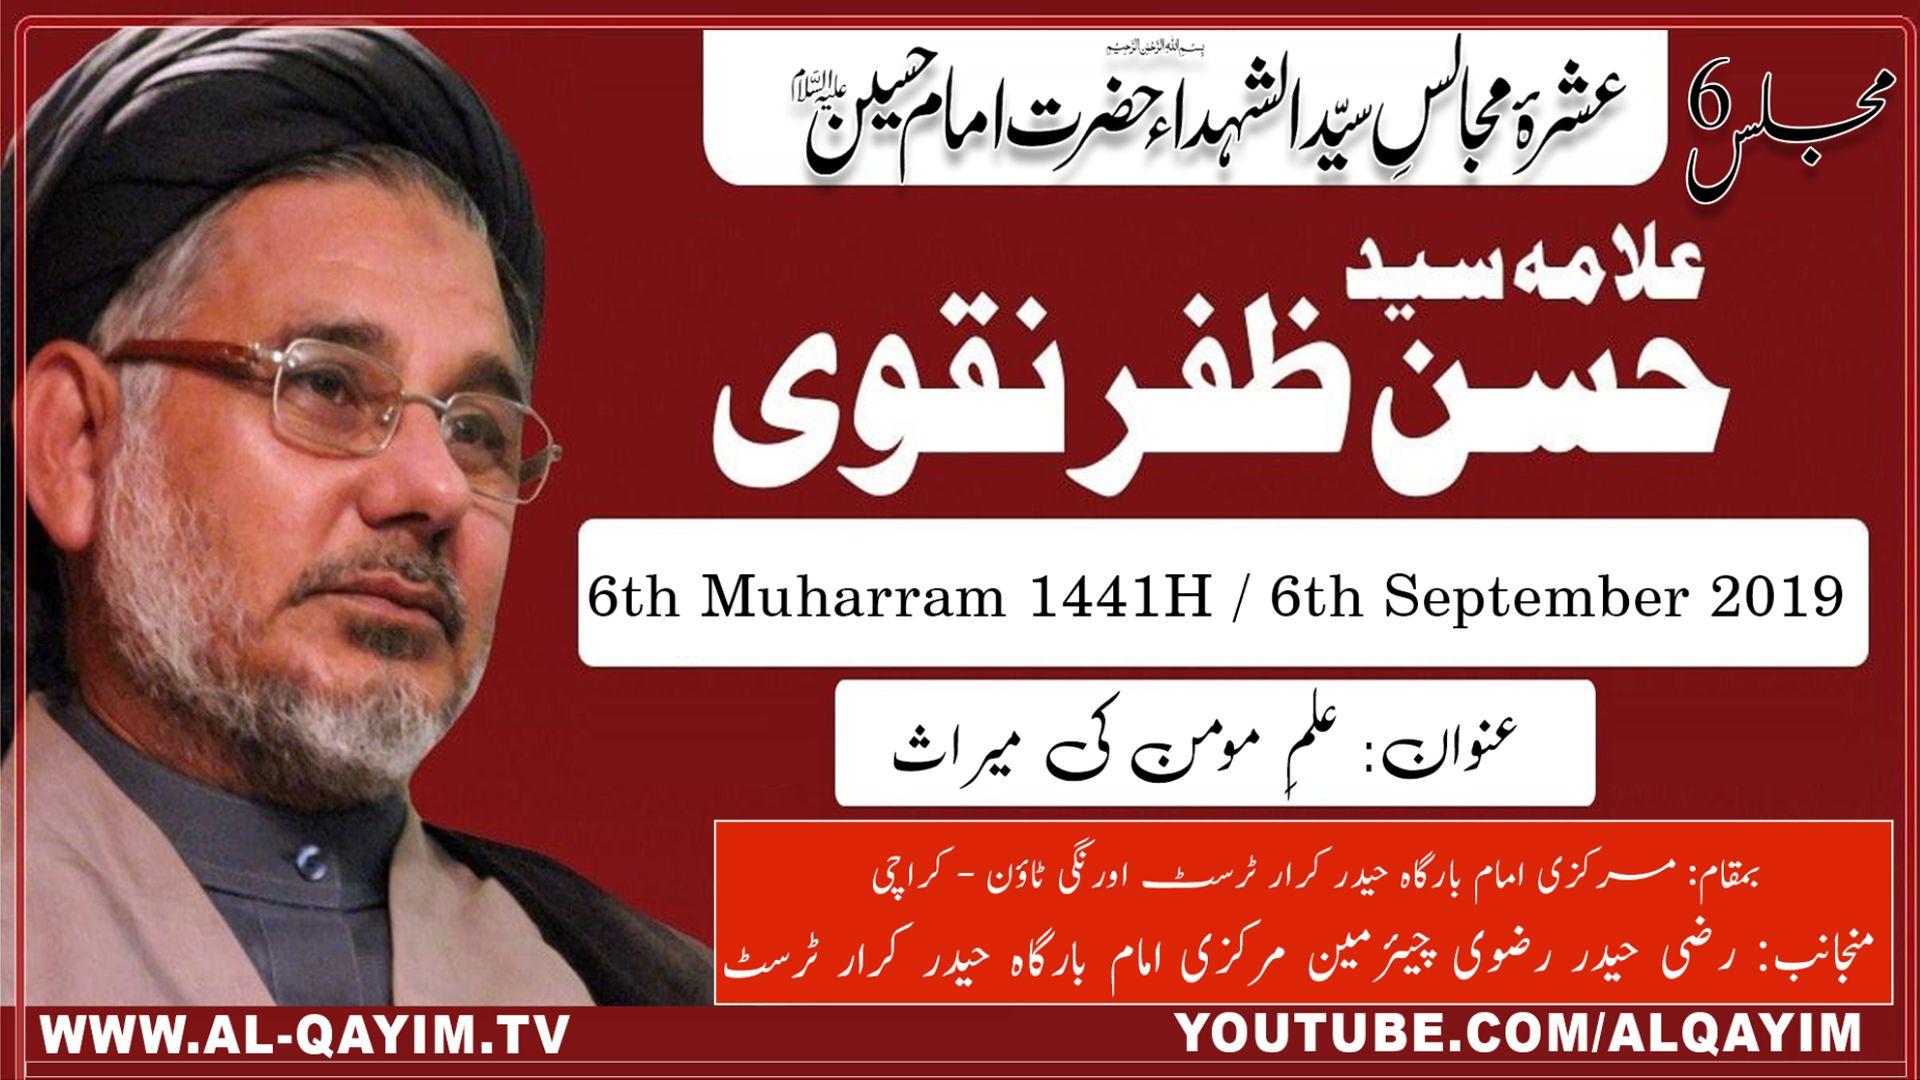 6th Muharram Majlis - 2019 - Moulana Hasan Zafar Naqvi - Imam Bargah Haider-e-Karar Orangi Town